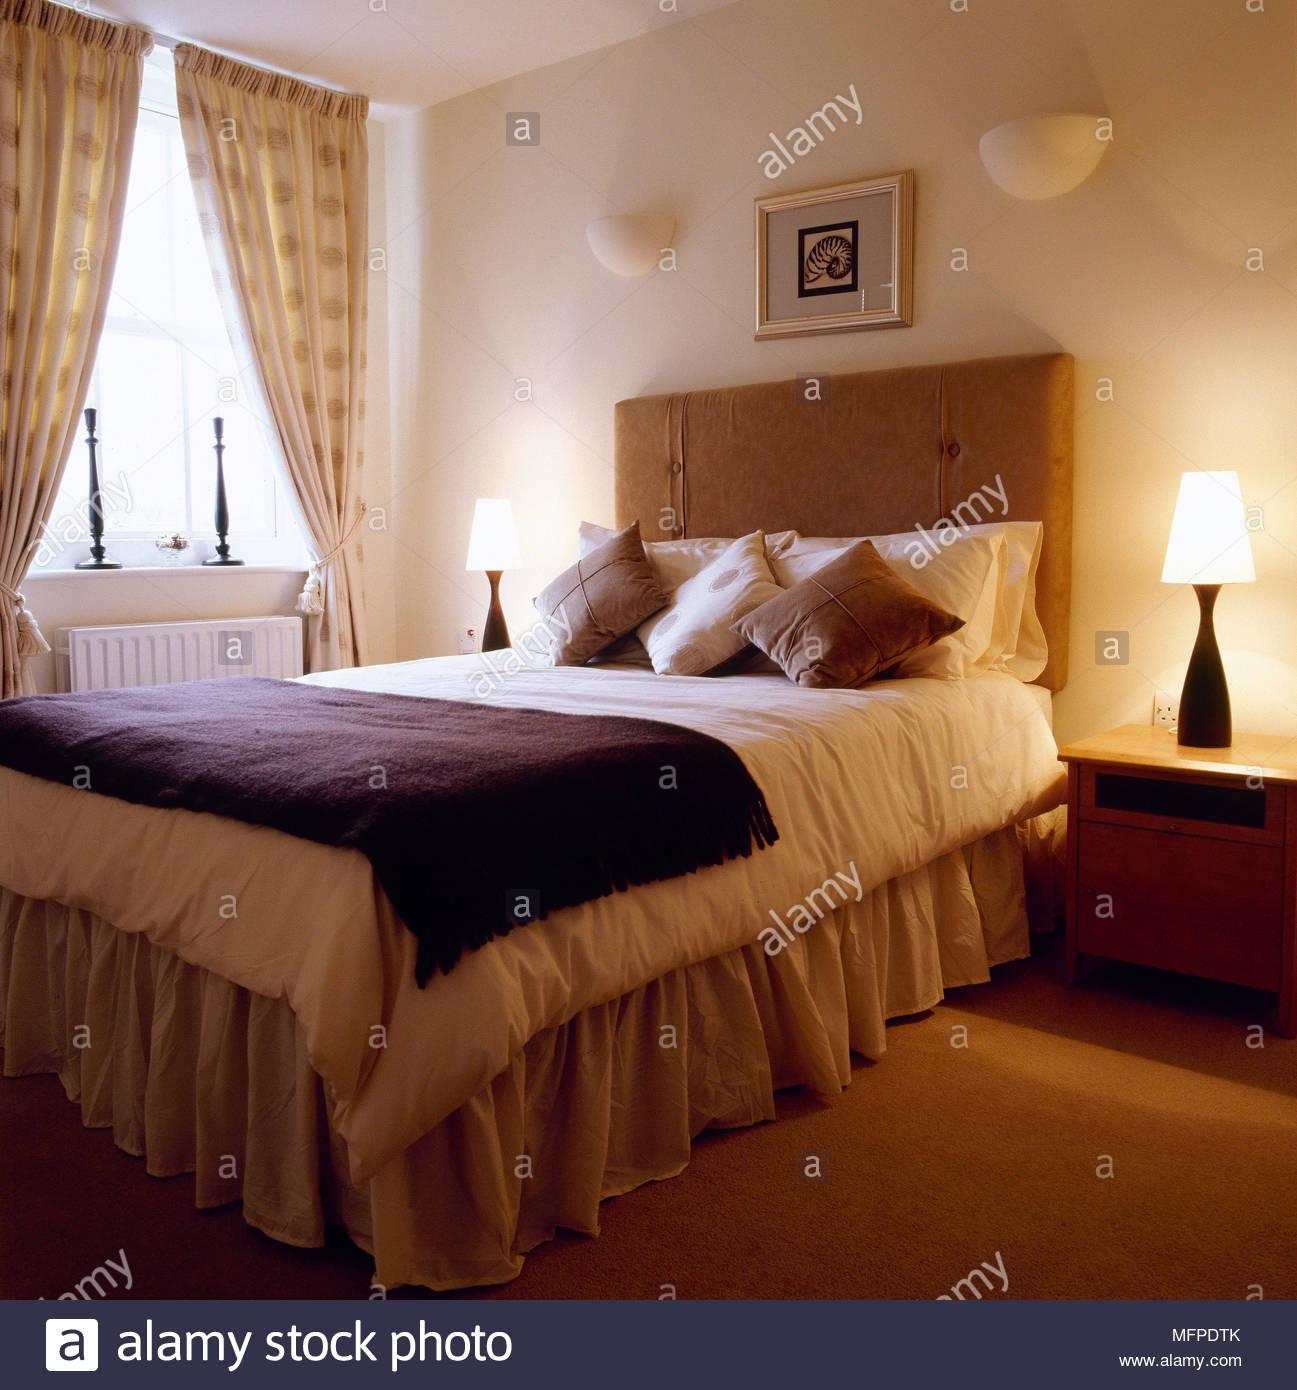 Full Size of Bett Mit Gepolstertem Kopfteil Traditionelle Schlafzimmer Detail Aus Einem 120 X 200 Stapelbar Betten Schubladen Bettkasten 90x200 Roba Platzsparend Set Bett Bett Mit Gepolstertem Kopfteil